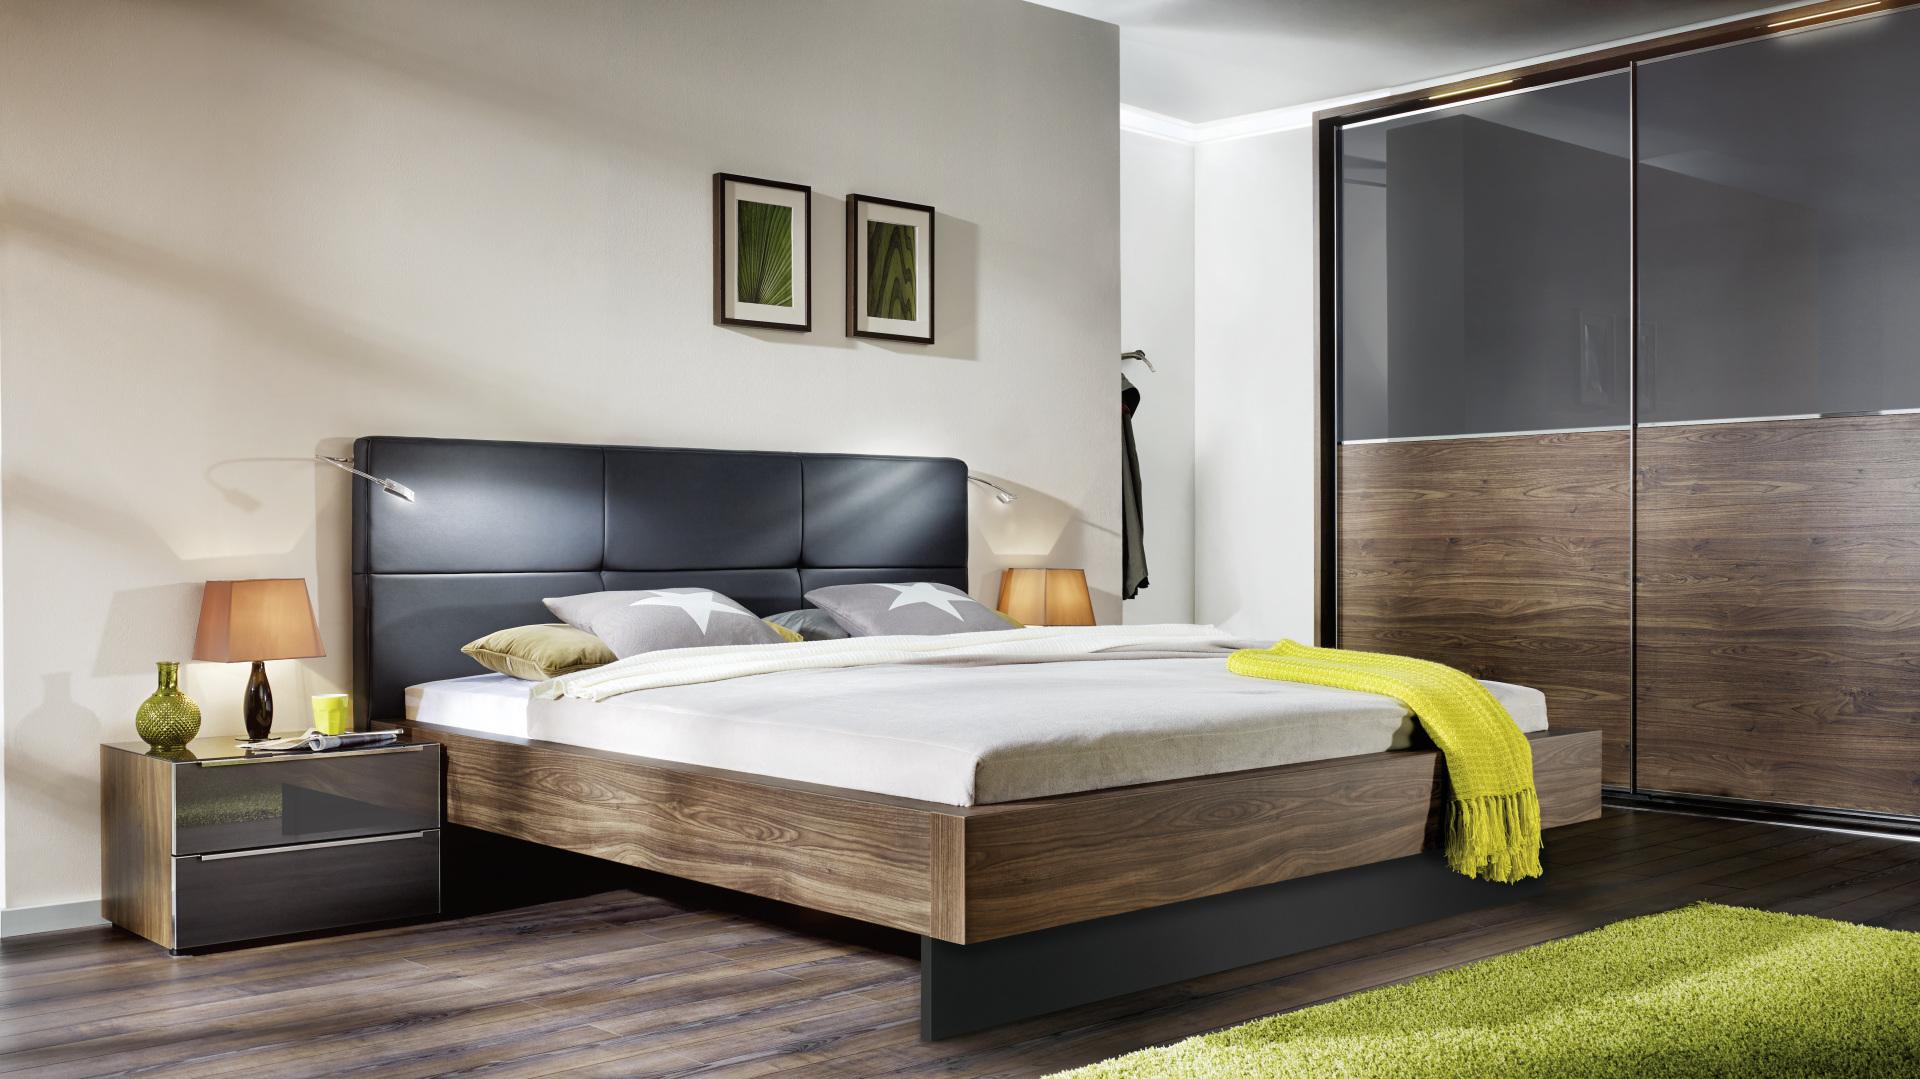 niemieckie łóżko i szafa wysokiej jakości